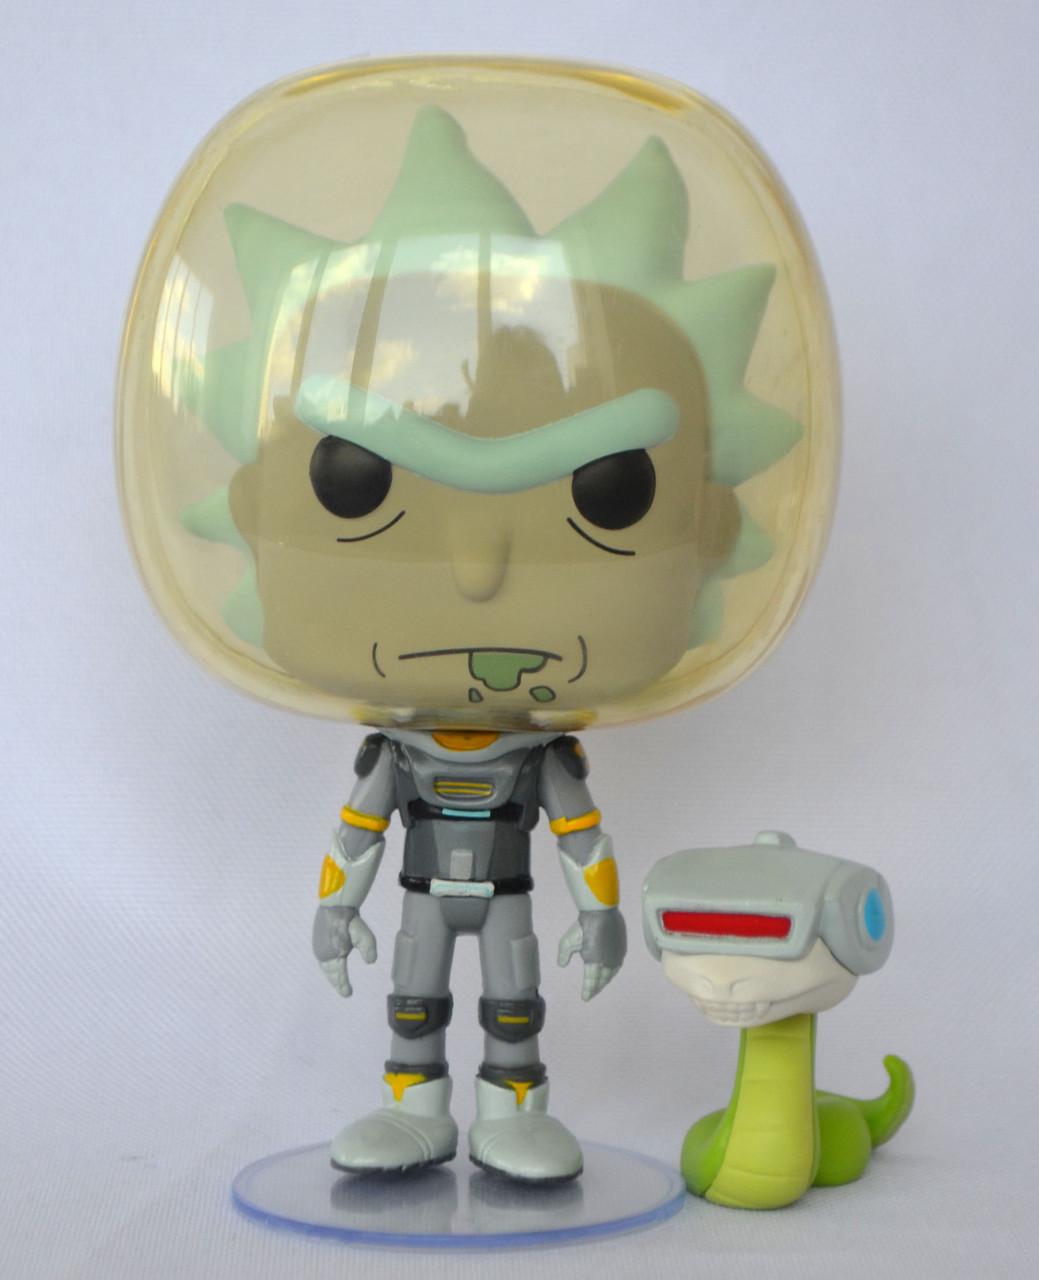 """Колекційна фігурка FUNKO POP! серії """"Rick & Morty"""" - Рік у скафандрі зі змією"""